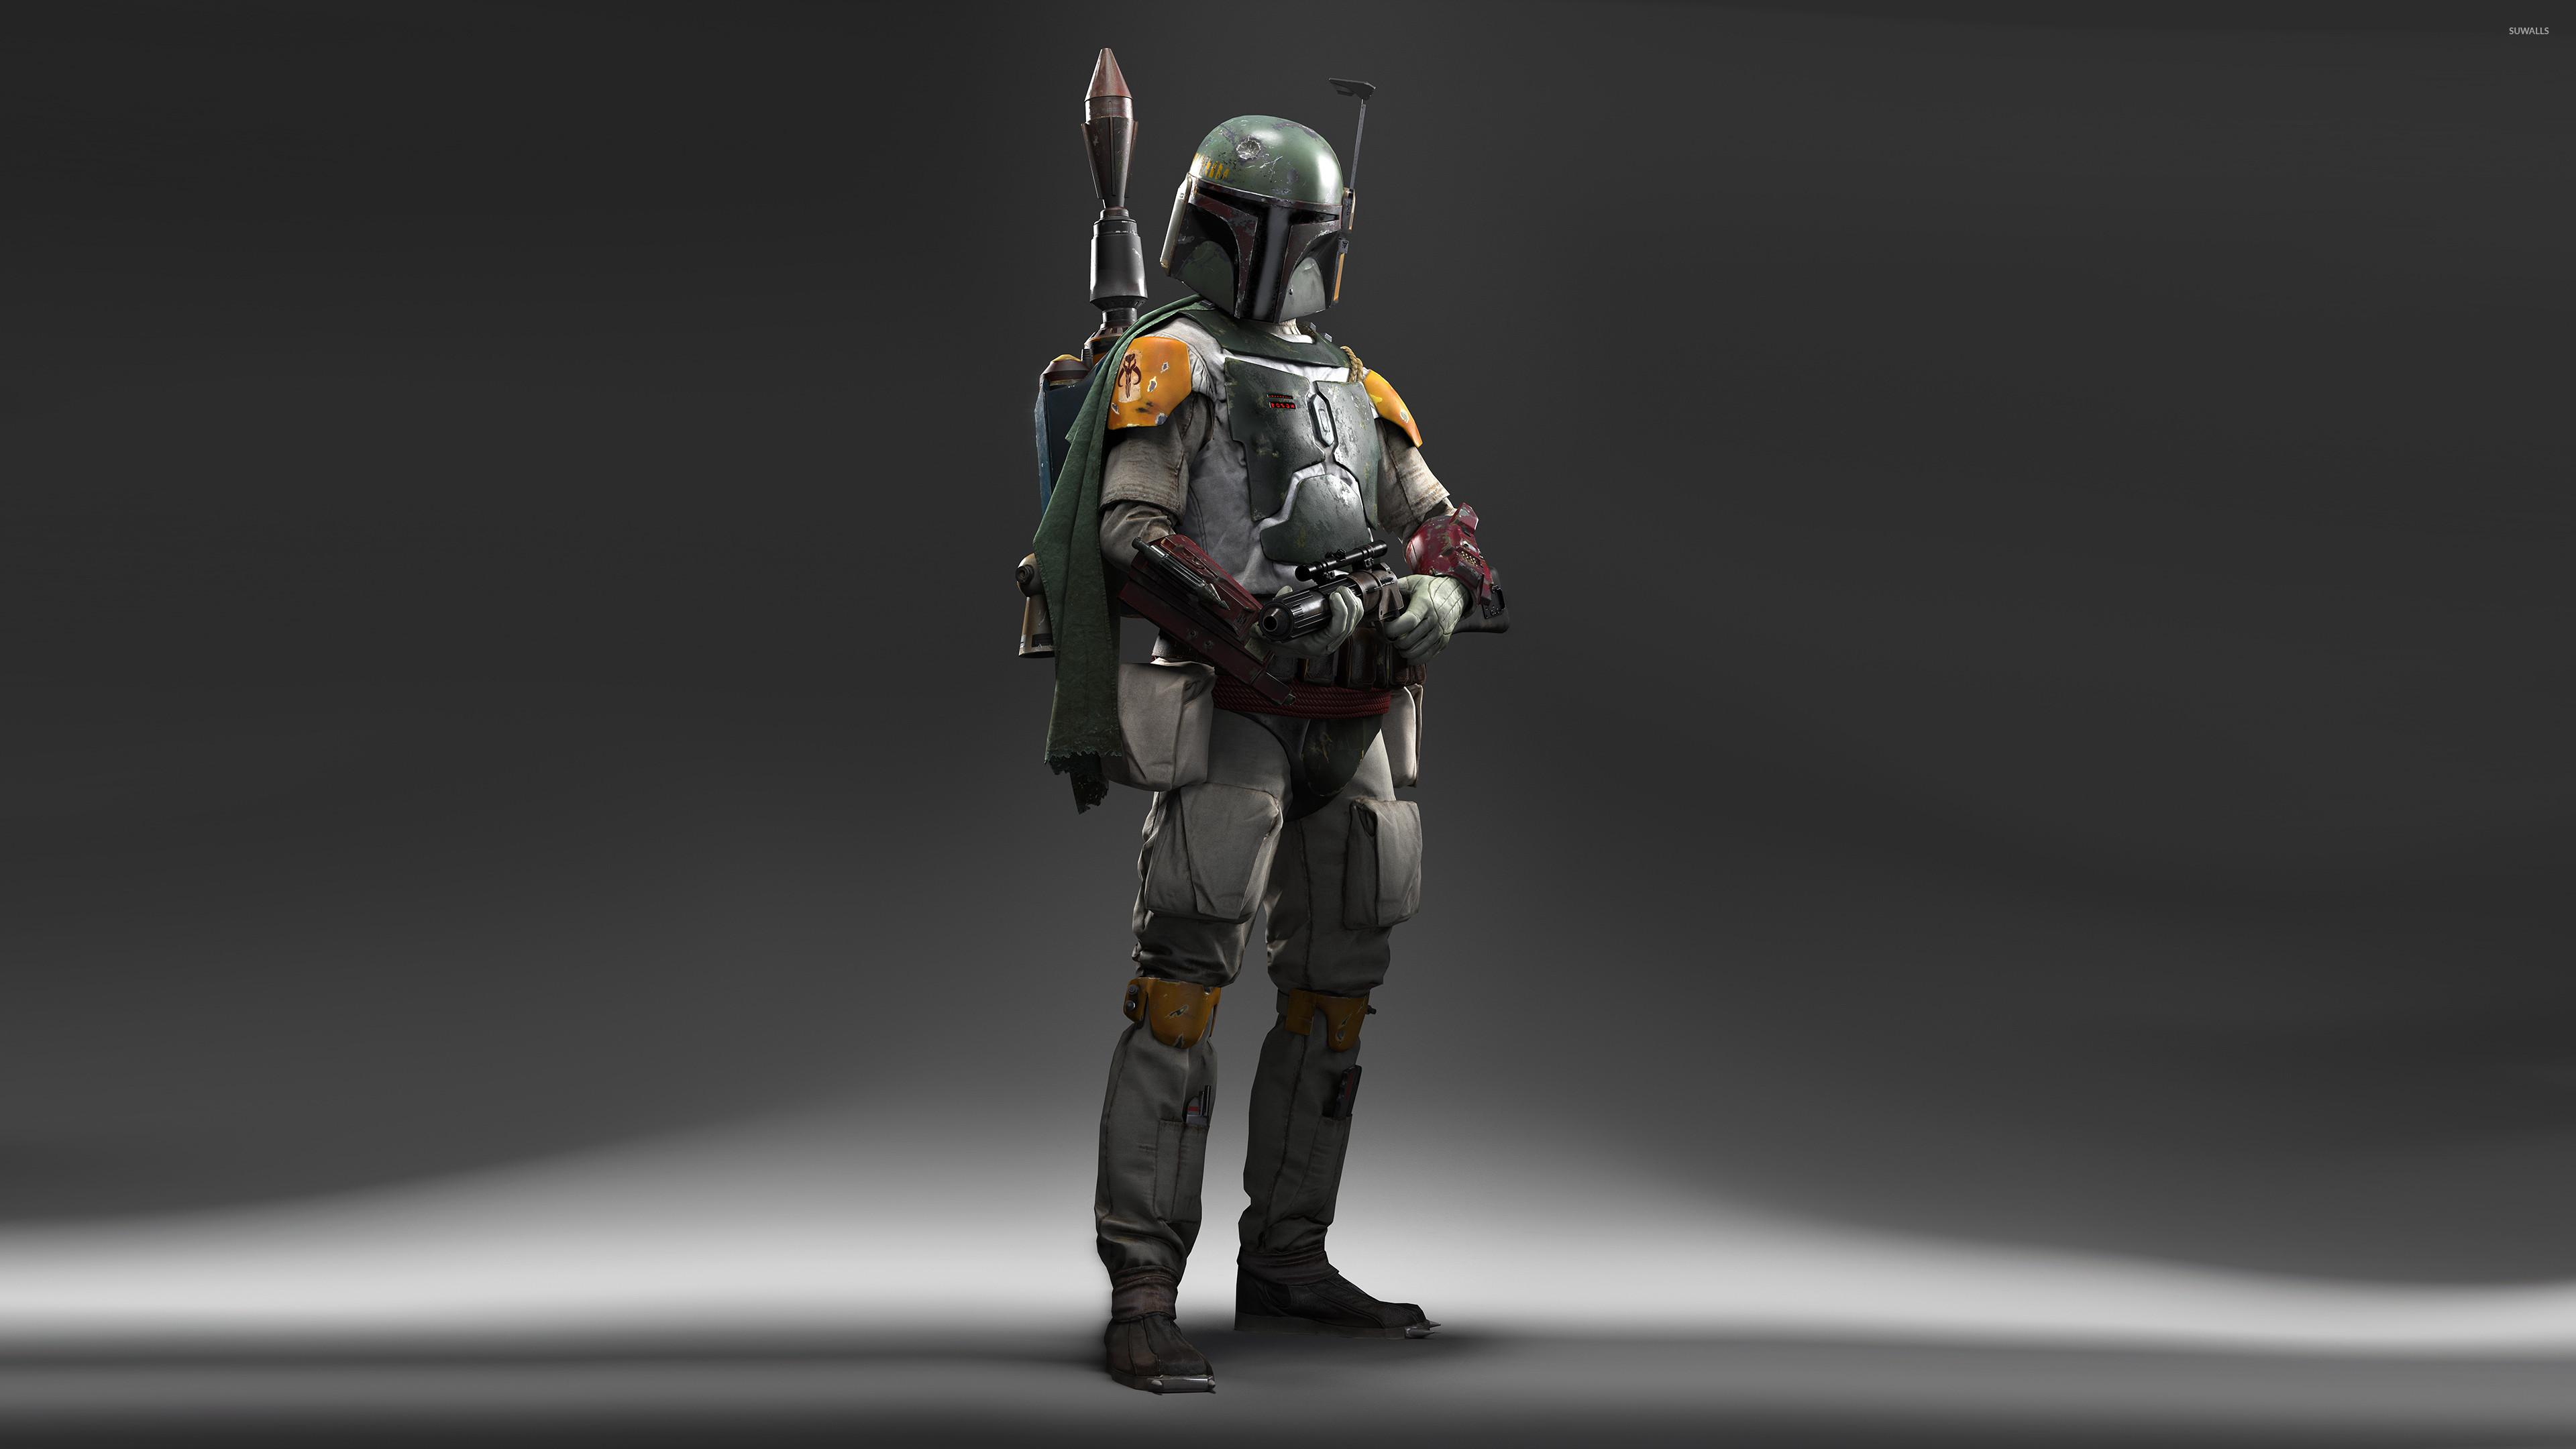 Boba Fett – Star Wars Battlefront wallpaper